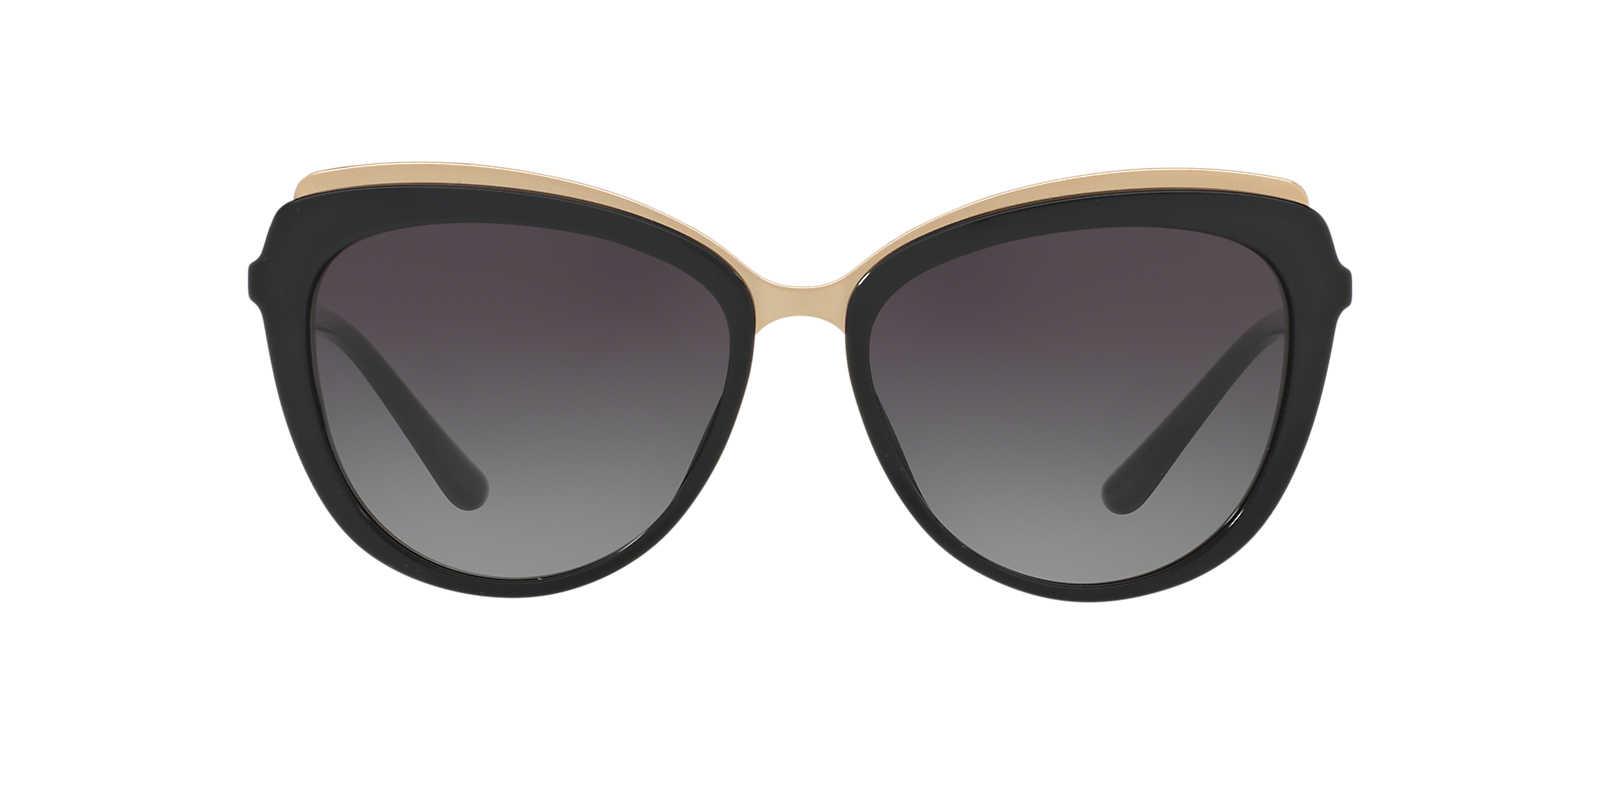 Cateye Sunglasses Ray Ban